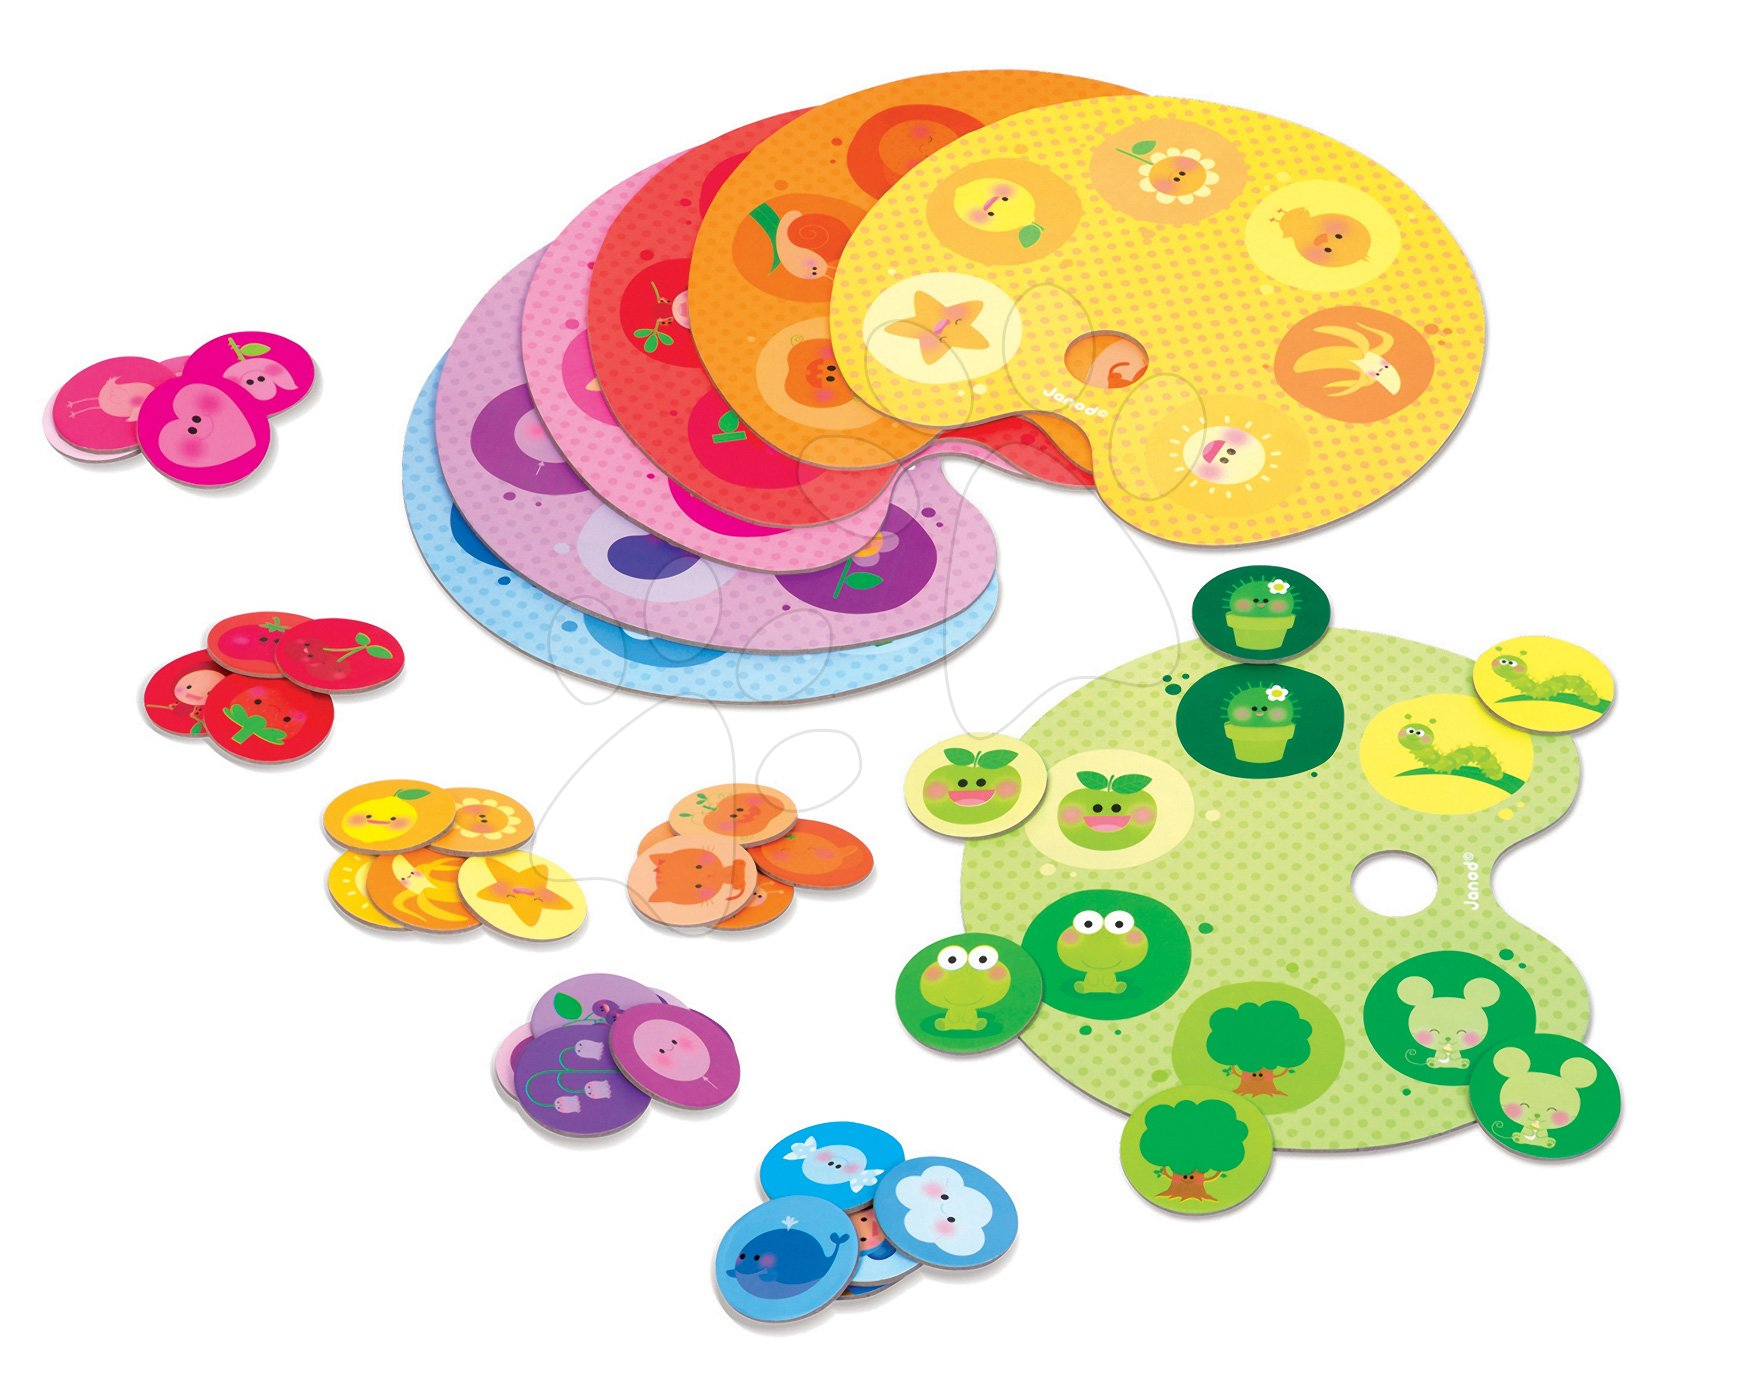 Cudzojazyčné spoločenské hry - Spoločenská hra Bingo Color Janod od 3 rokov